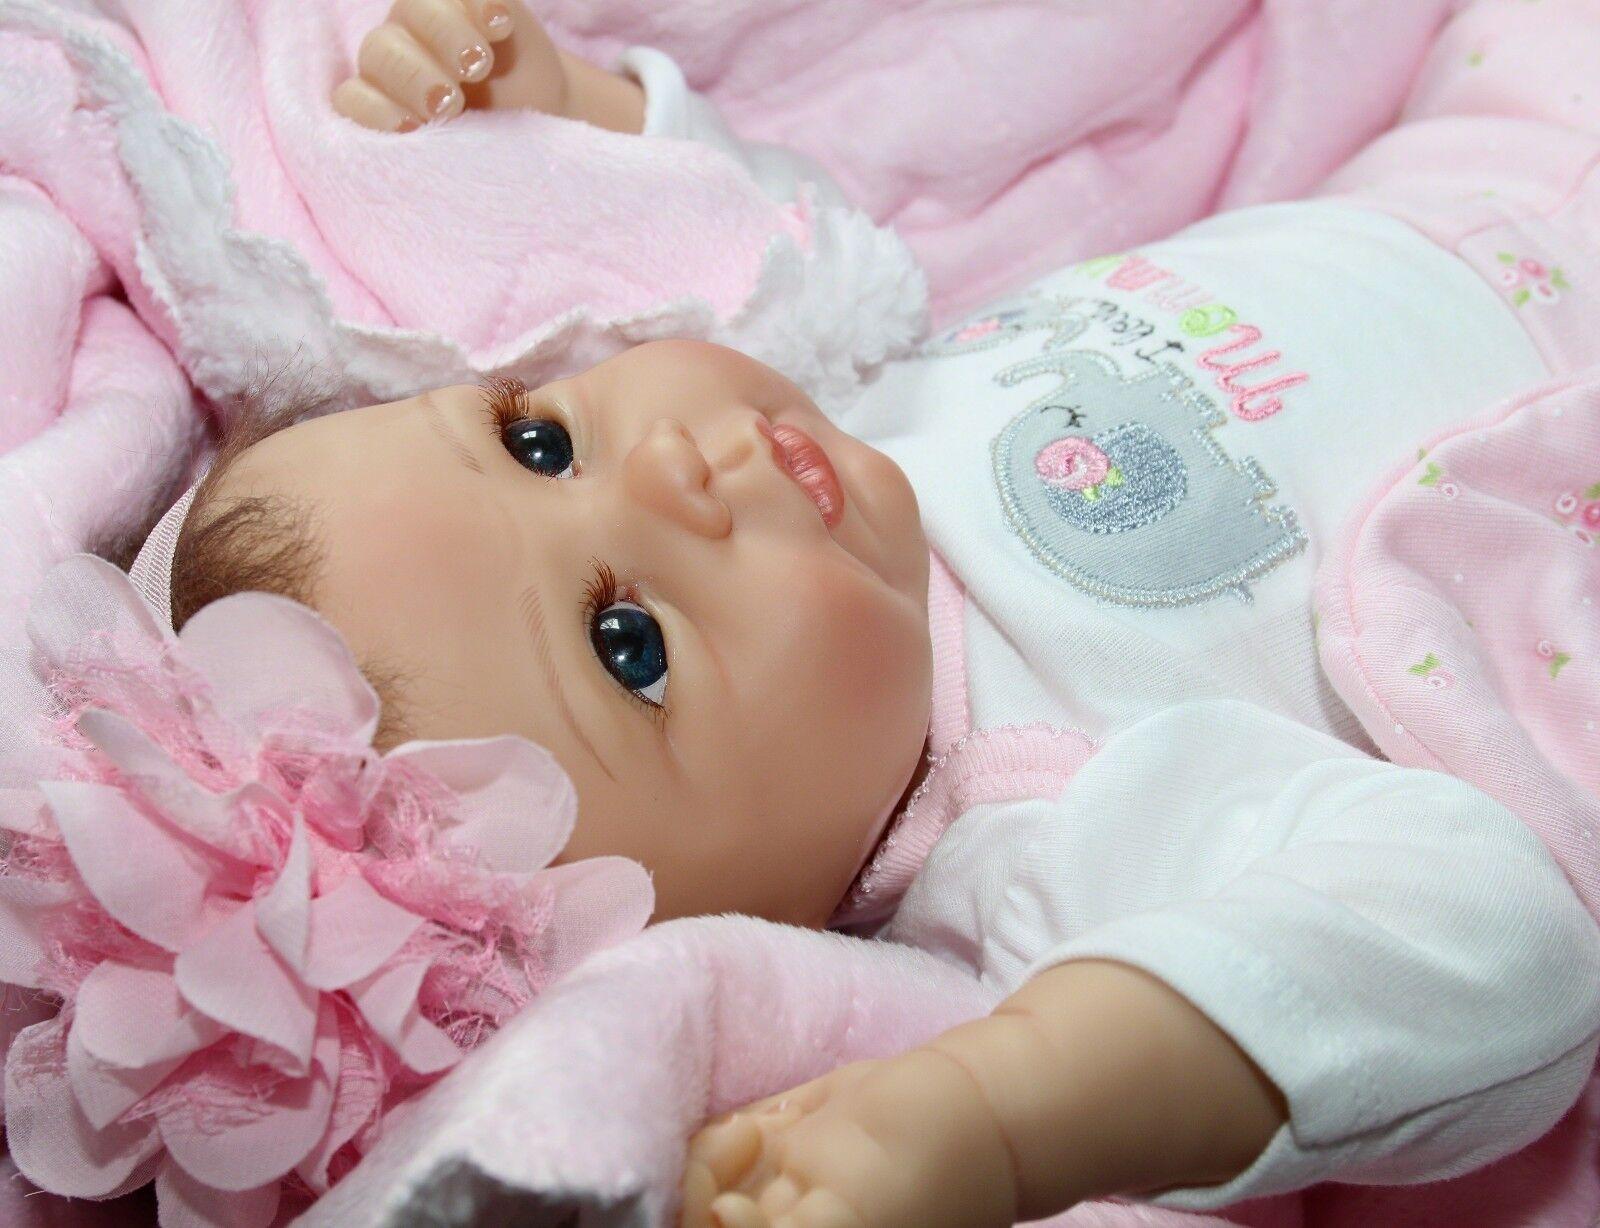 Me encanta abrazos  - realmente le sostiene la mano  Muñeca Bebé Niña 22  Coleccionistas